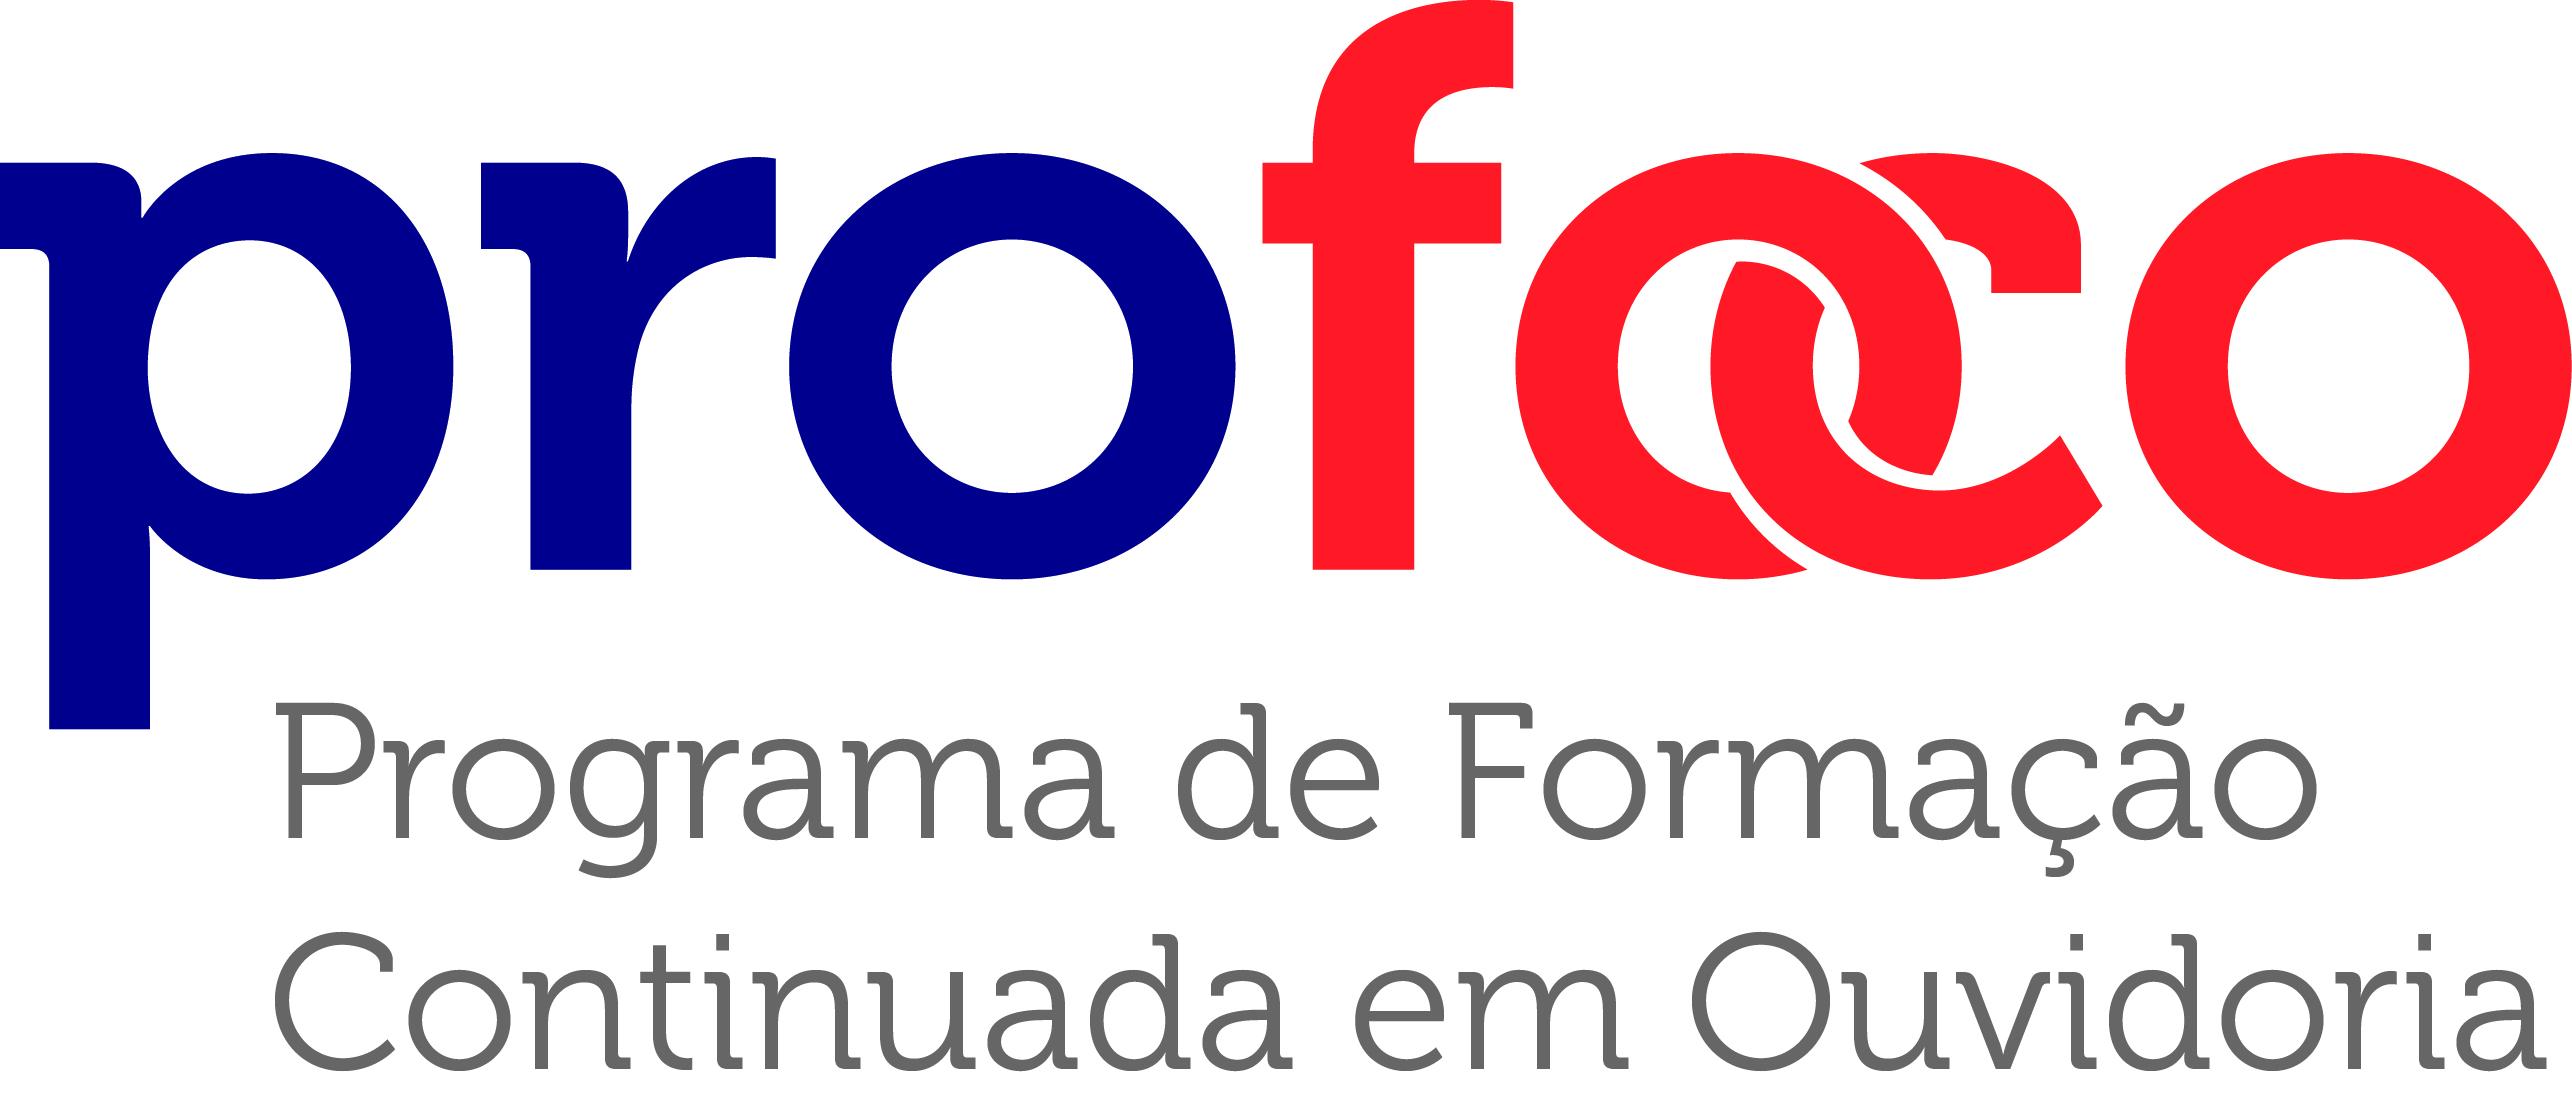 Curso Defesa do Usuário e Simplificação, no período de 11 a 13 de junho de 2019, em Florianópolis/SC